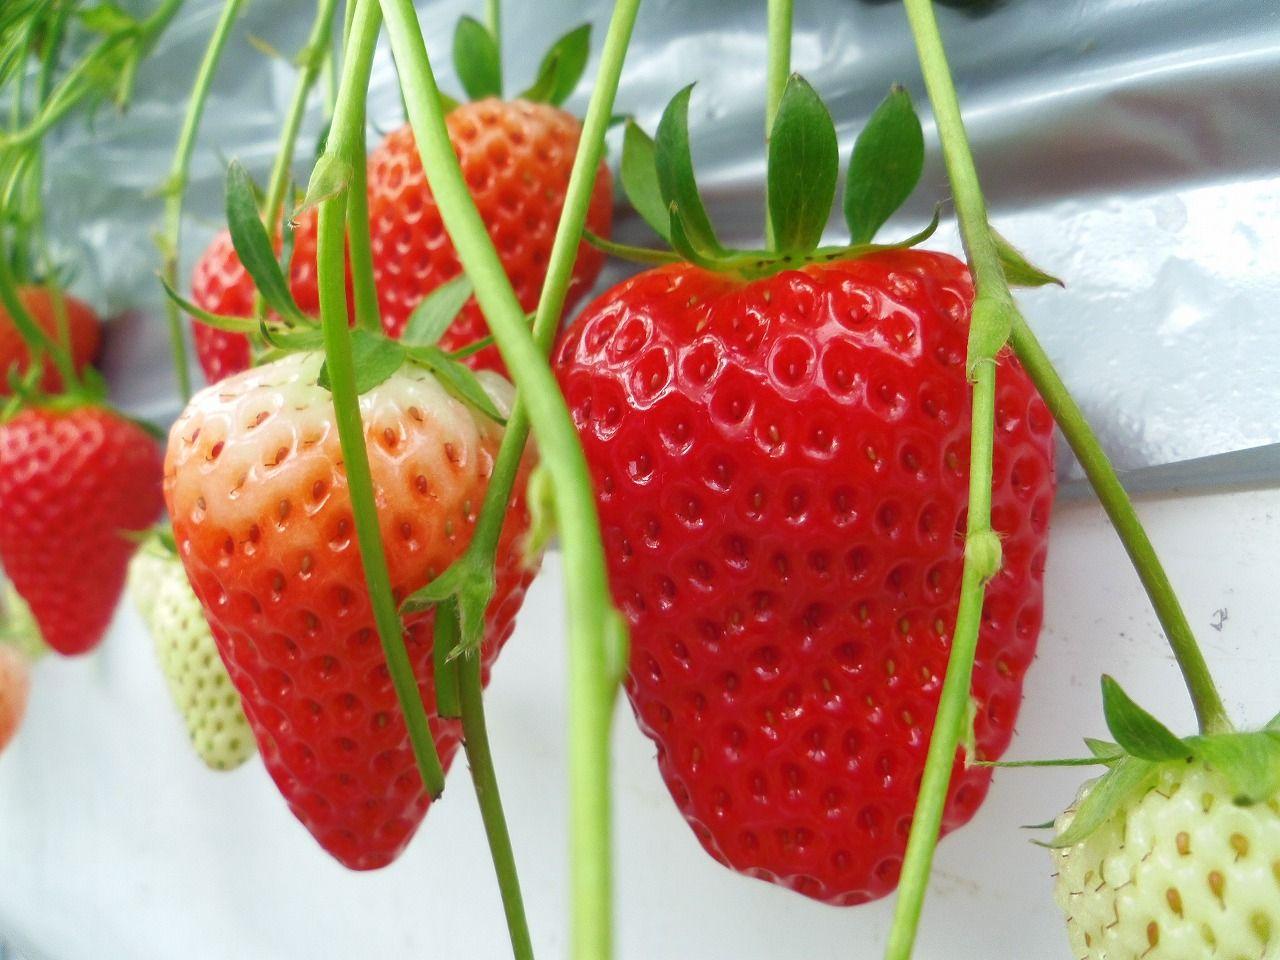 イチゴ界の新品種、その名は「きらぴ香」